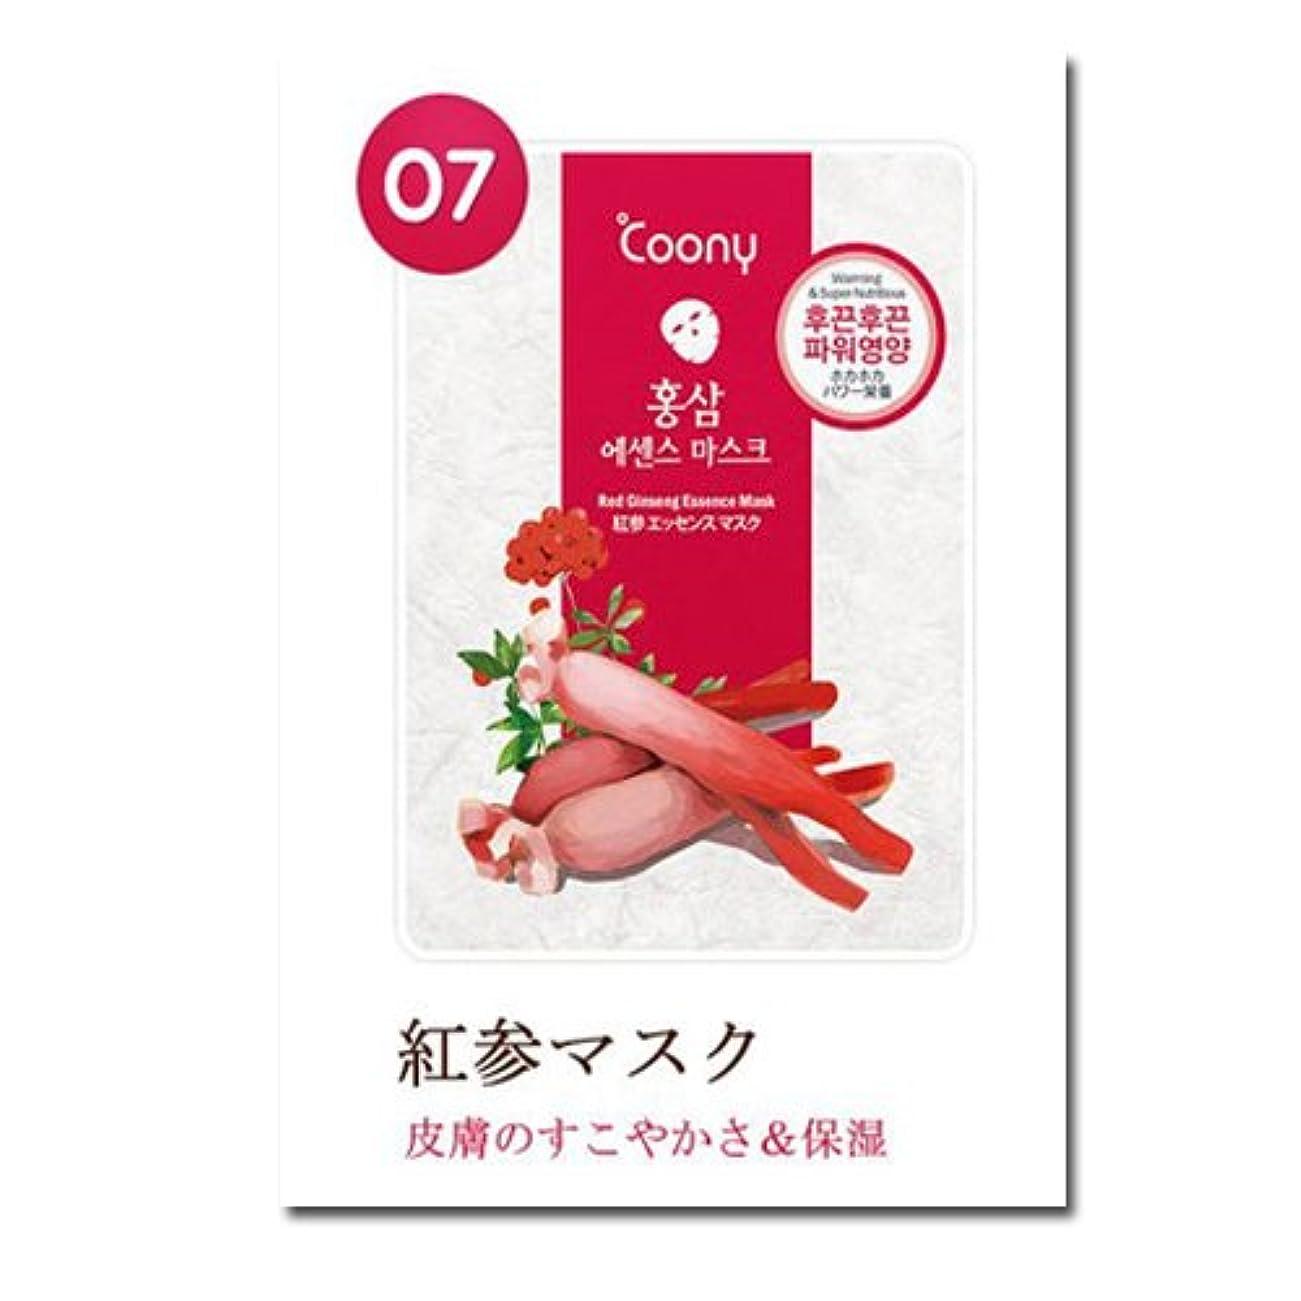 れんが透けて見えるスナップcoony?韓国コスメ/潤い/乾燥肌/エッセンスマスクパック/紅参マスクパック10枚//びっくり品質